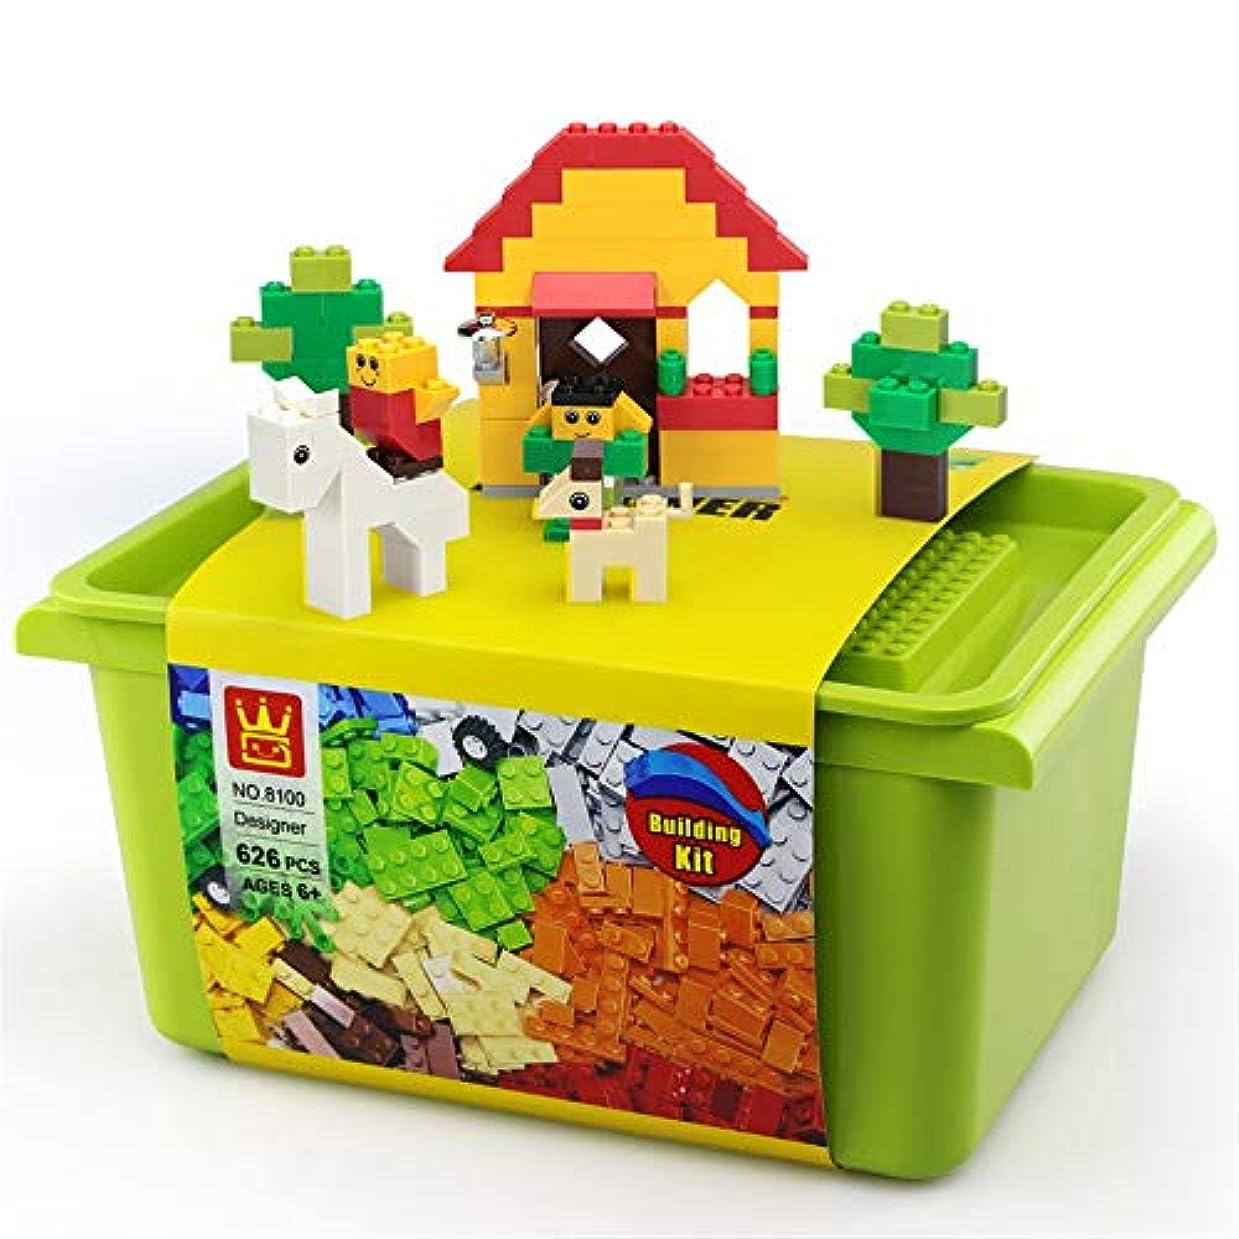 軽減する賞吸収剤子供3-12歳の子供たちは小さな粒子の収納箱入りのプラスチック製の男の子のおもちゃを組み立てました パズルビルディングブロックのおもちゃ (Color : Multi-colored, Size : One size)